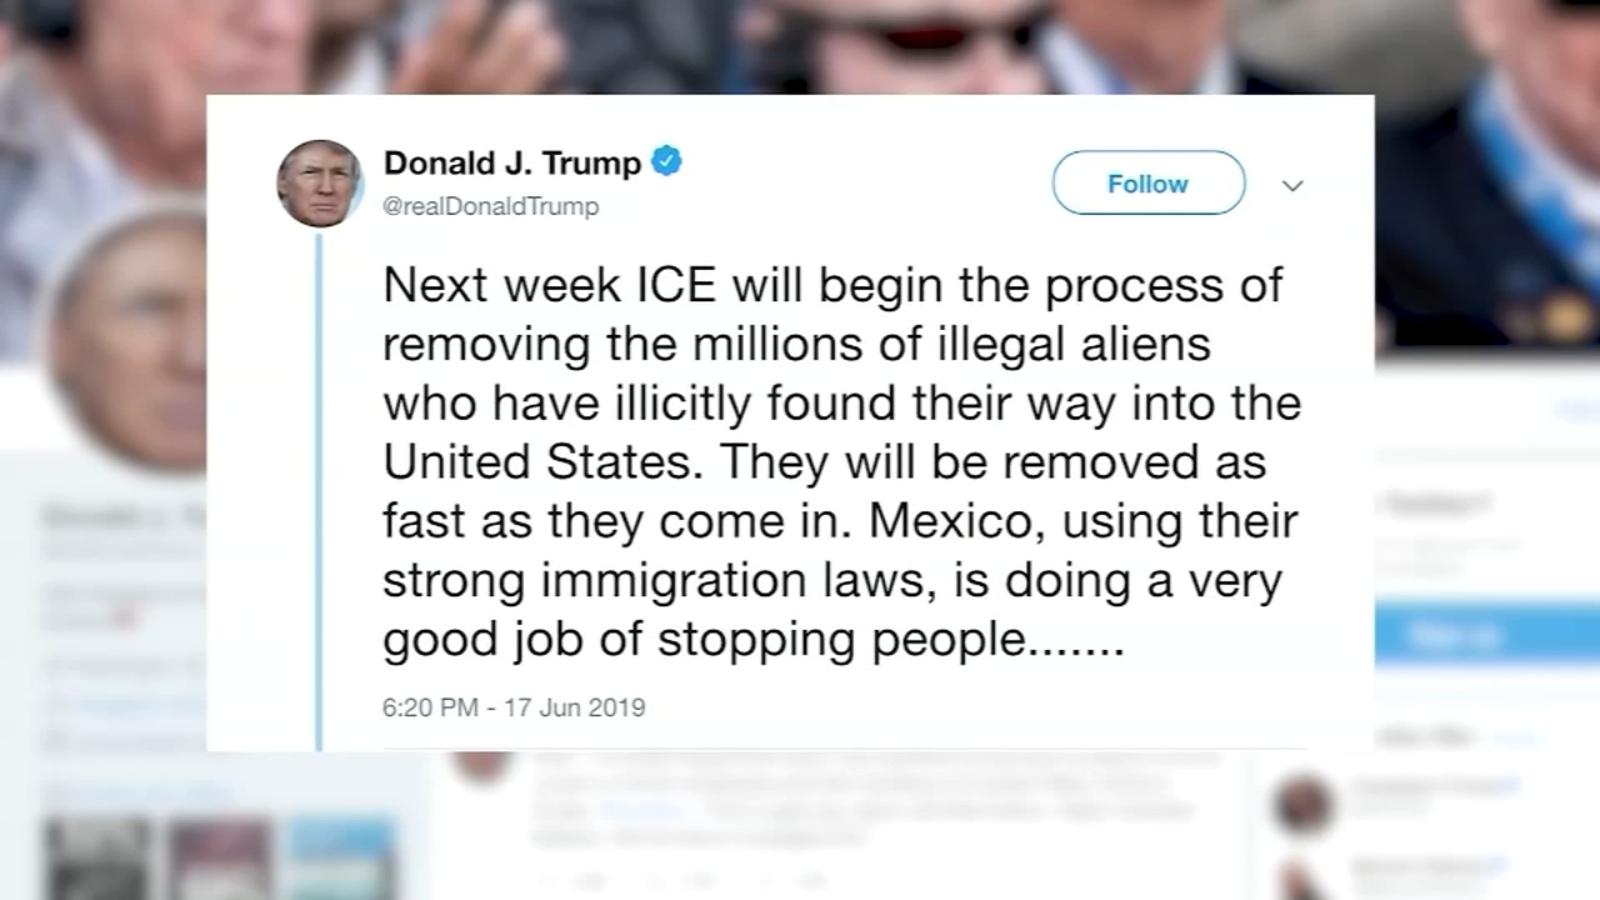 President Trump threatens mass deportation to begin next week